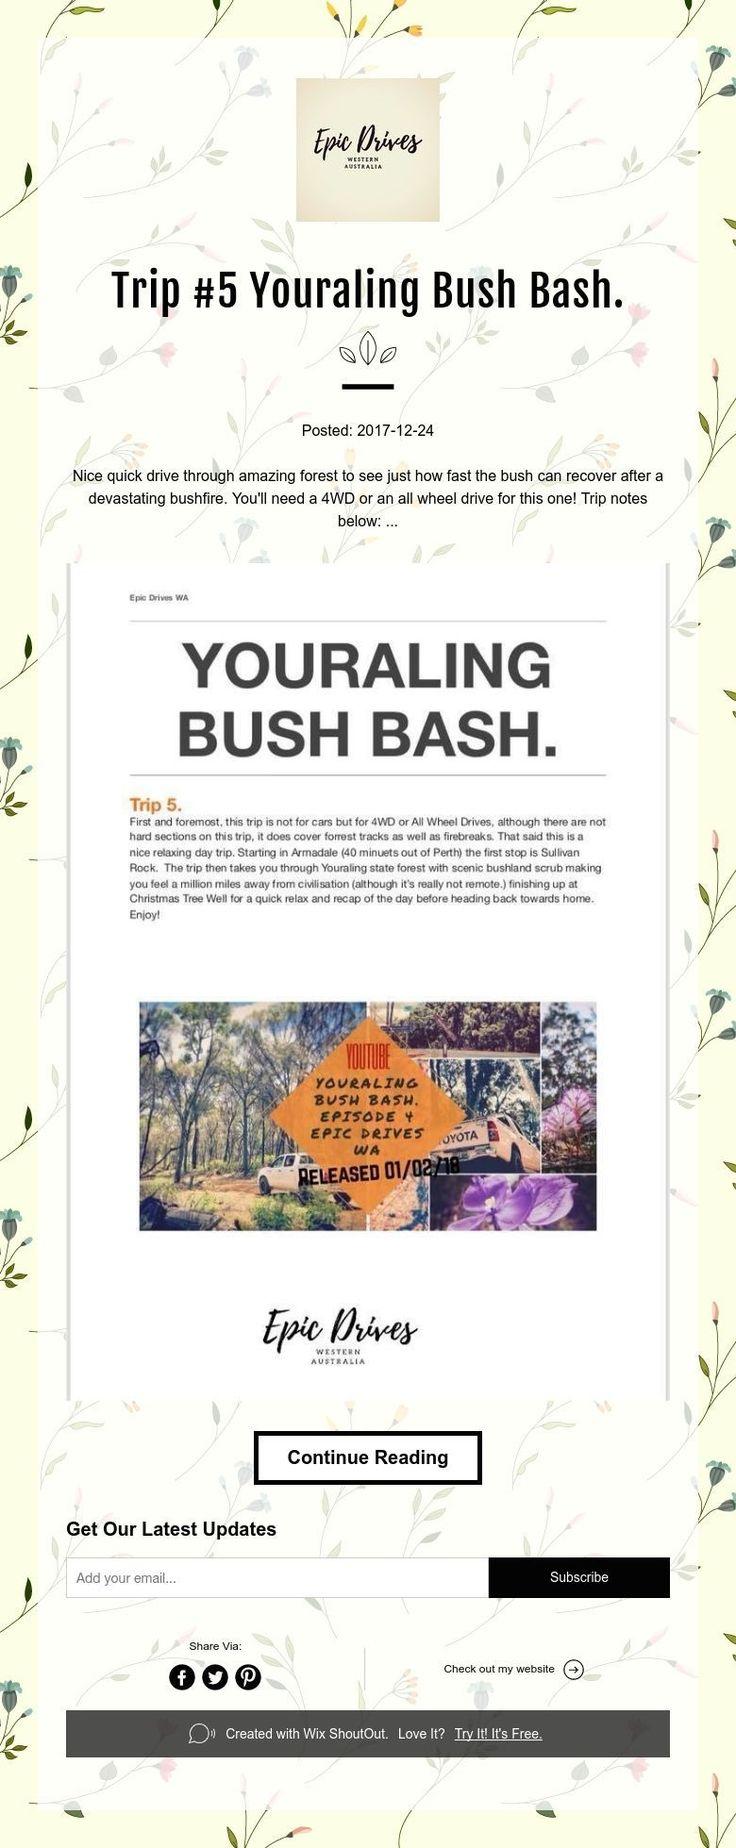 Trip #5 Youraling Bush Bash.